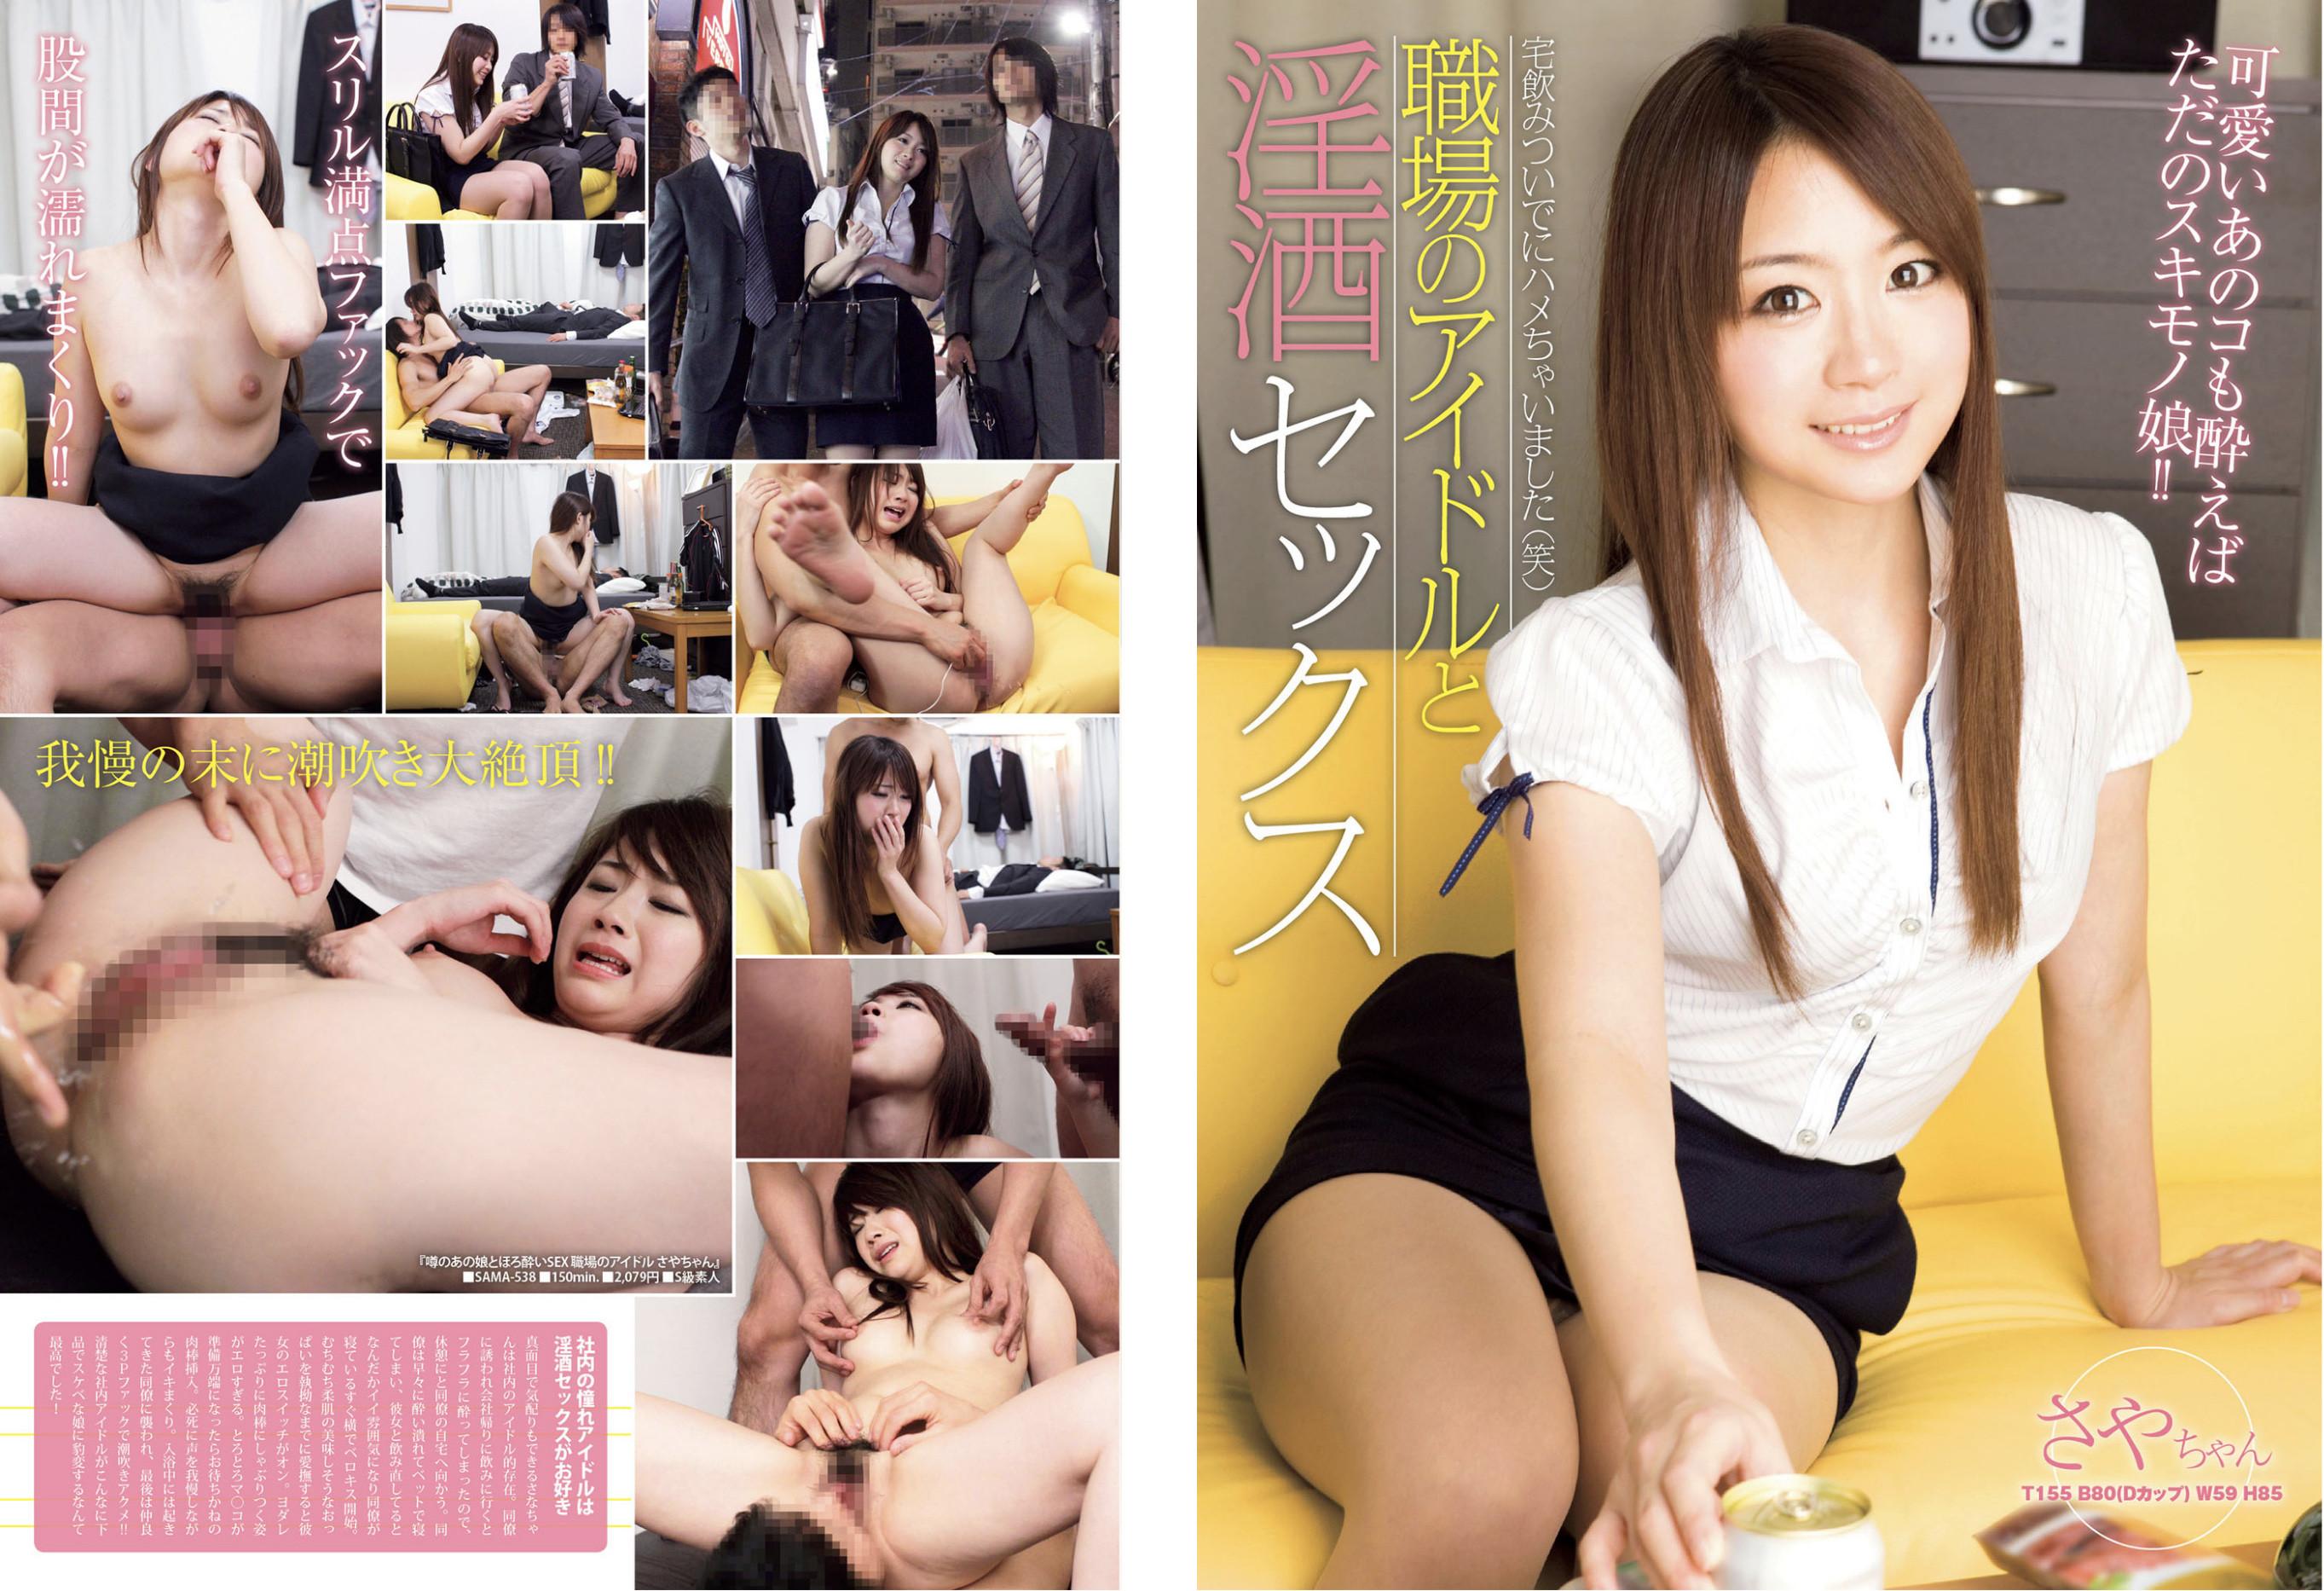 ムチムチ女子と即ハメハメ! イイオンナシリーズ photo 033